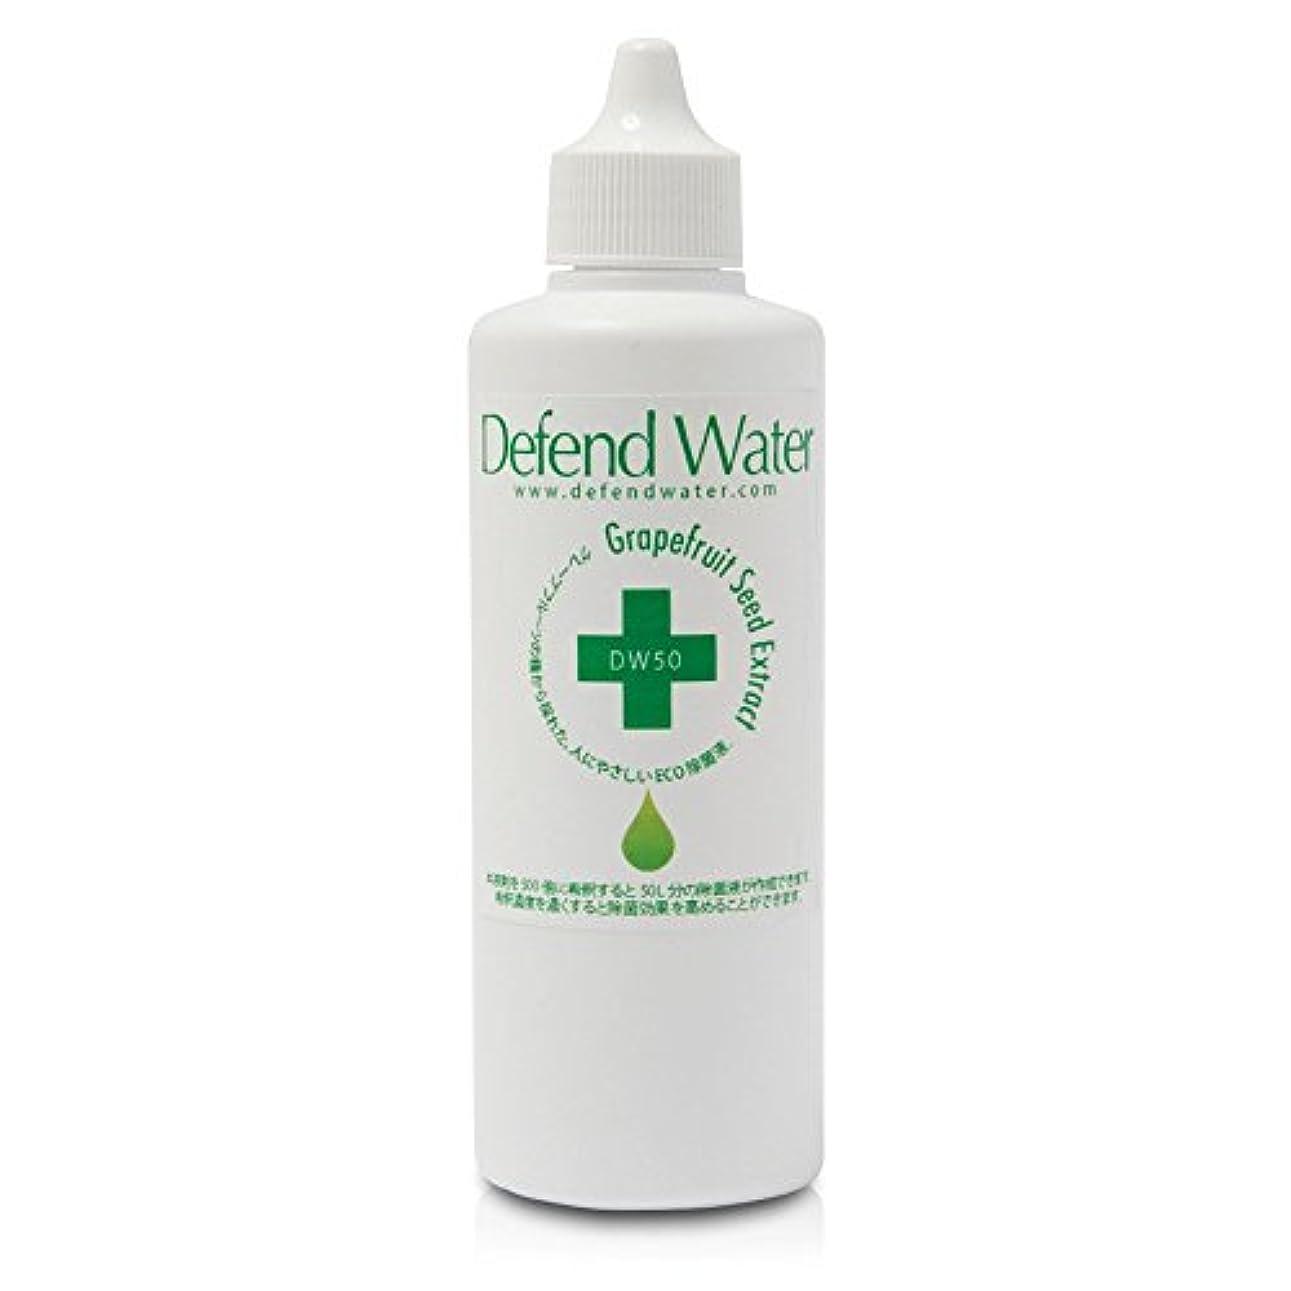 リーフレットゆるく支払いアロマオイルと一緒に使う空間除菌液、天然エコ除菌液「ディフェンドウォーター」DW50